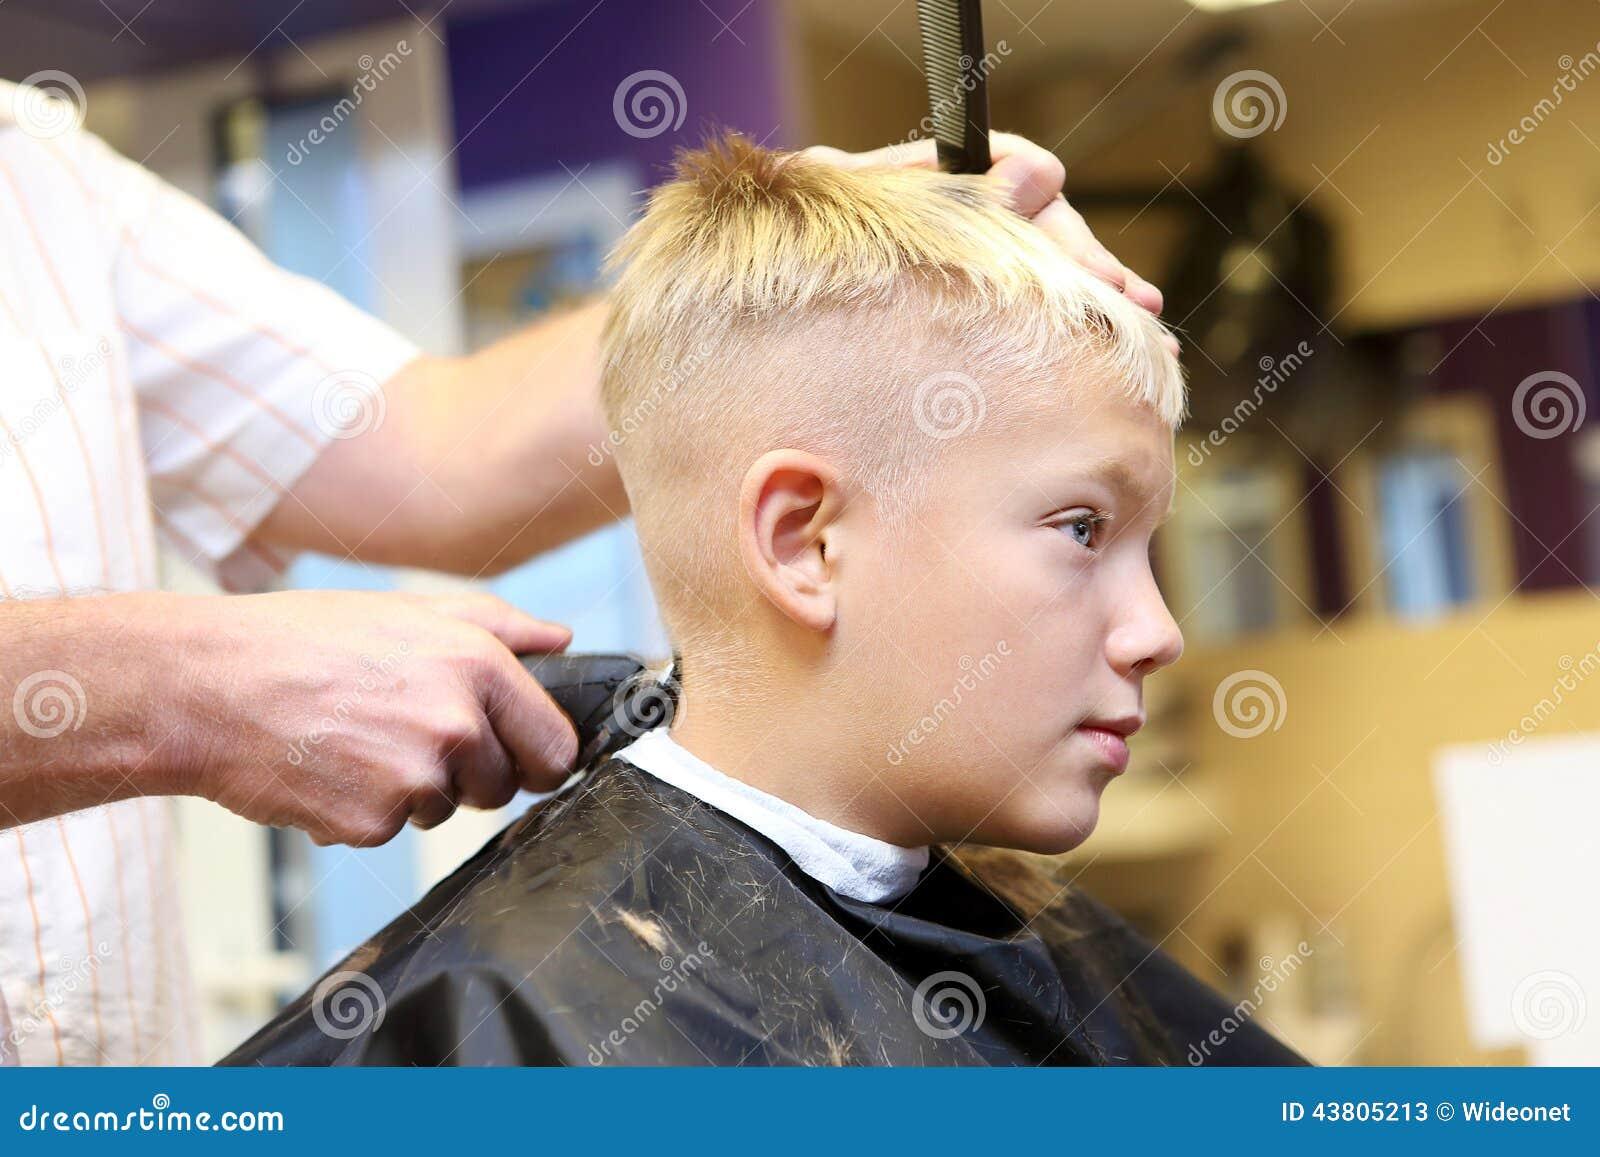 Детские прически для мальчиков на светлые волосы